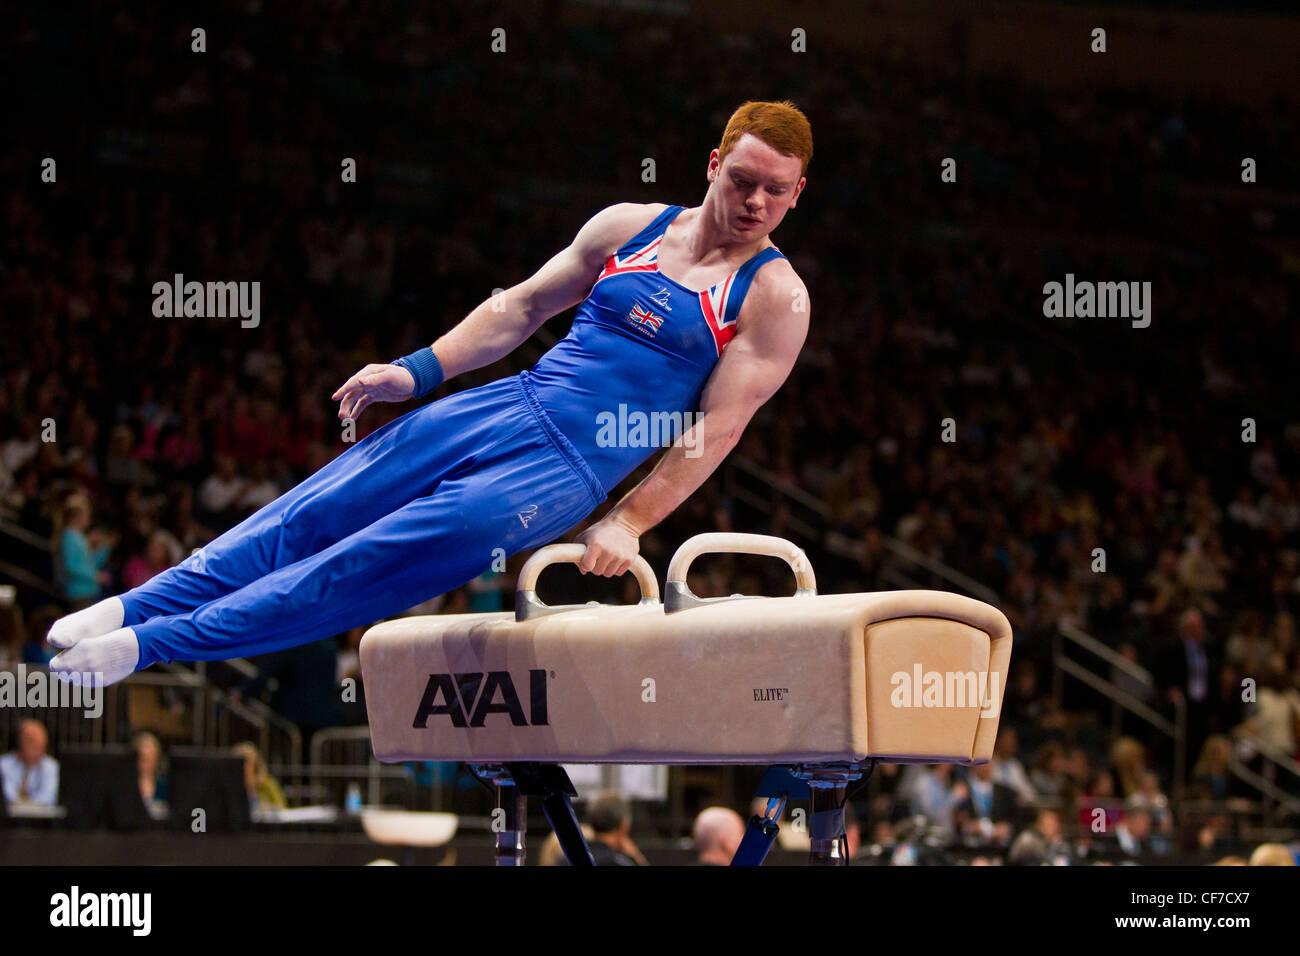 Daniel Purvis (GBR) compete nel cavallo evento al 2012 American Cup ginnastica Immagini Stock